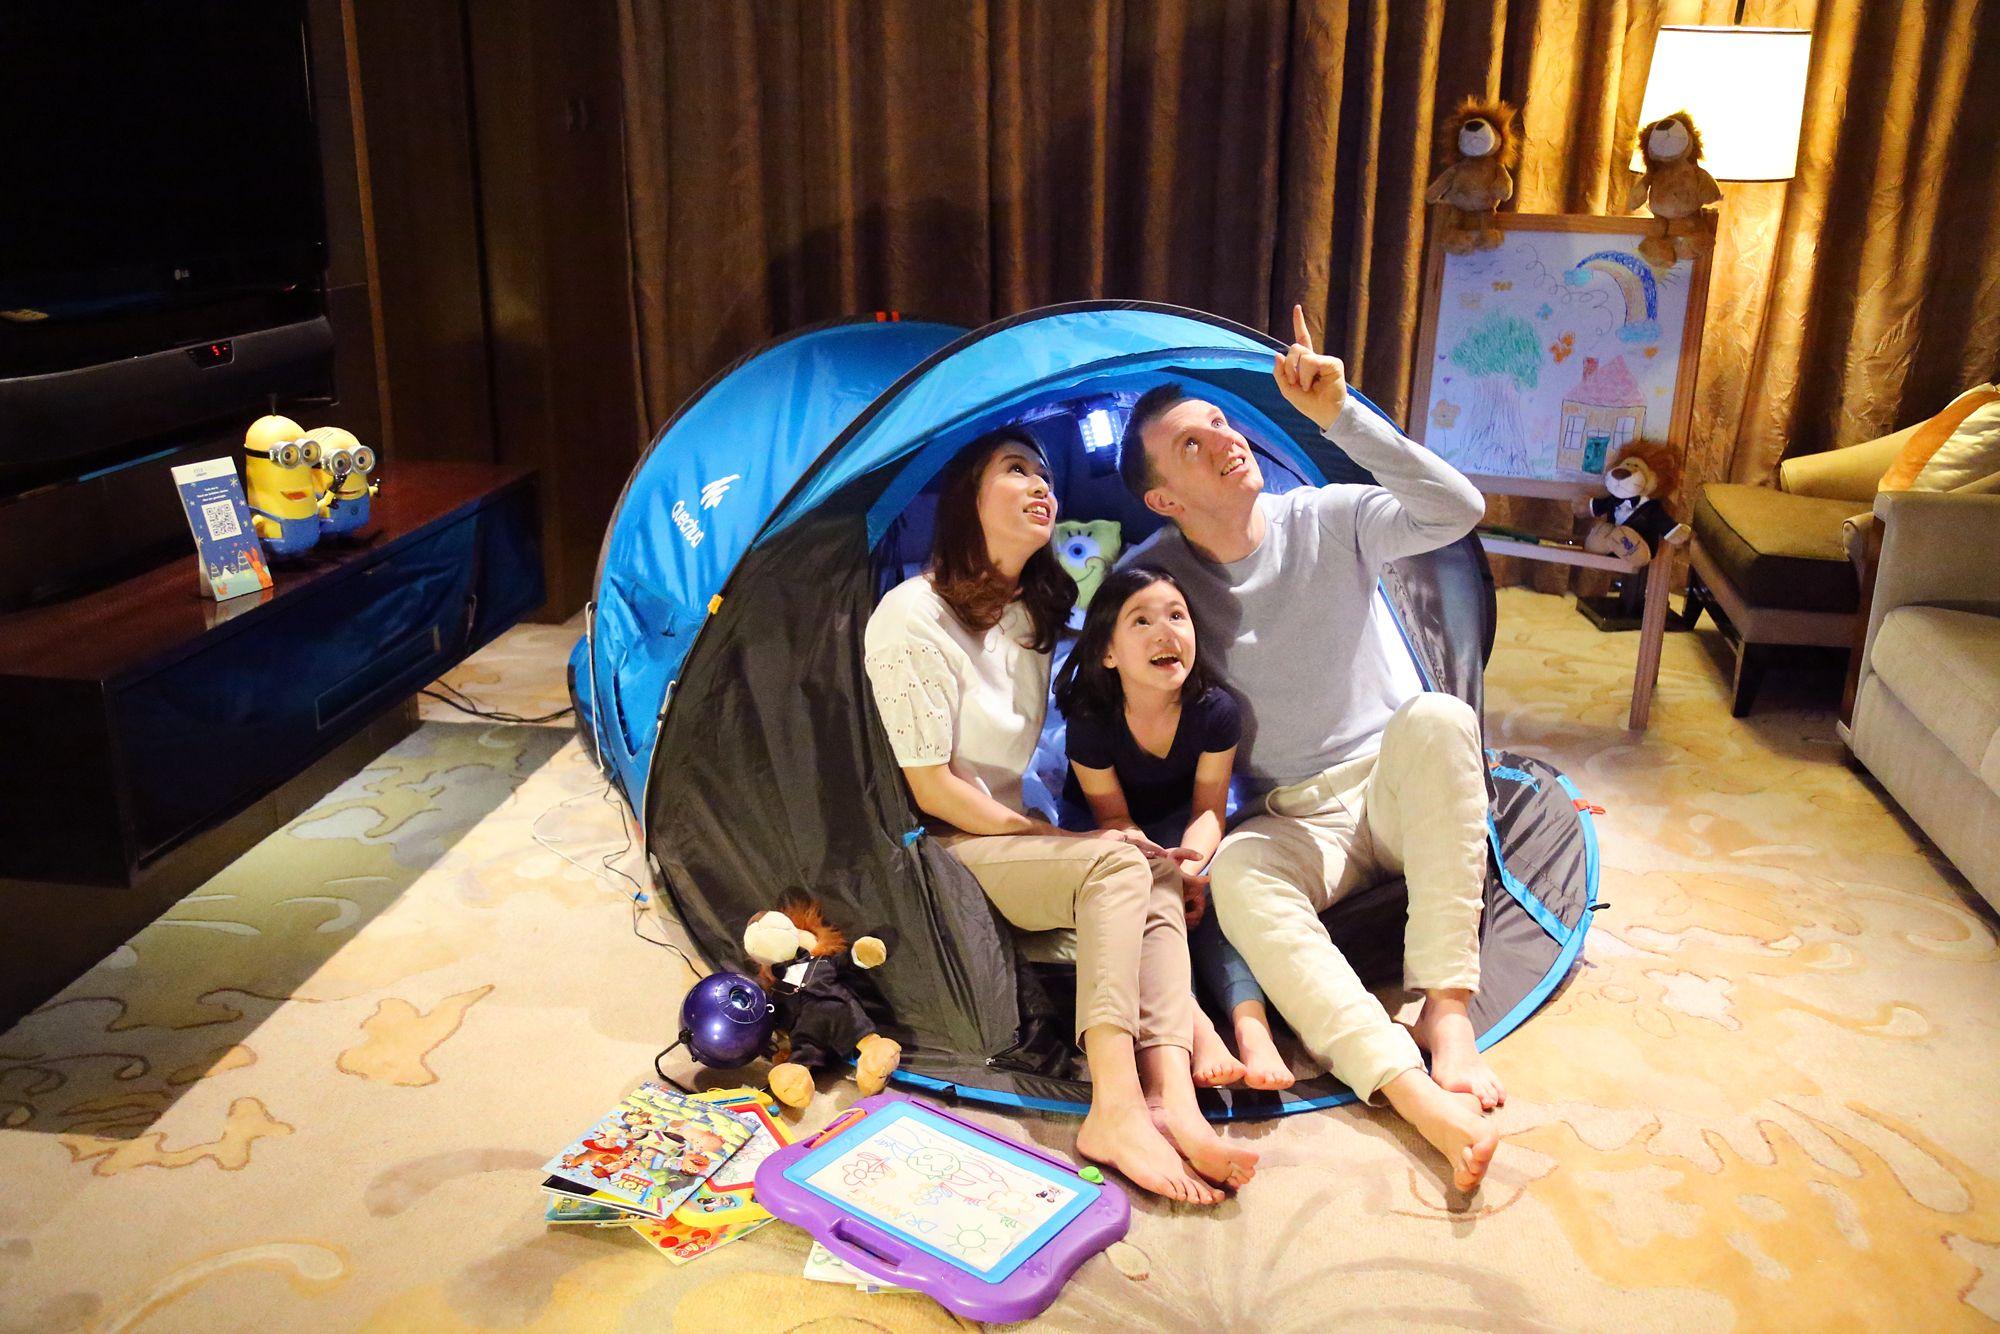 香港酒店优惠套餐 - 原野探索之夜